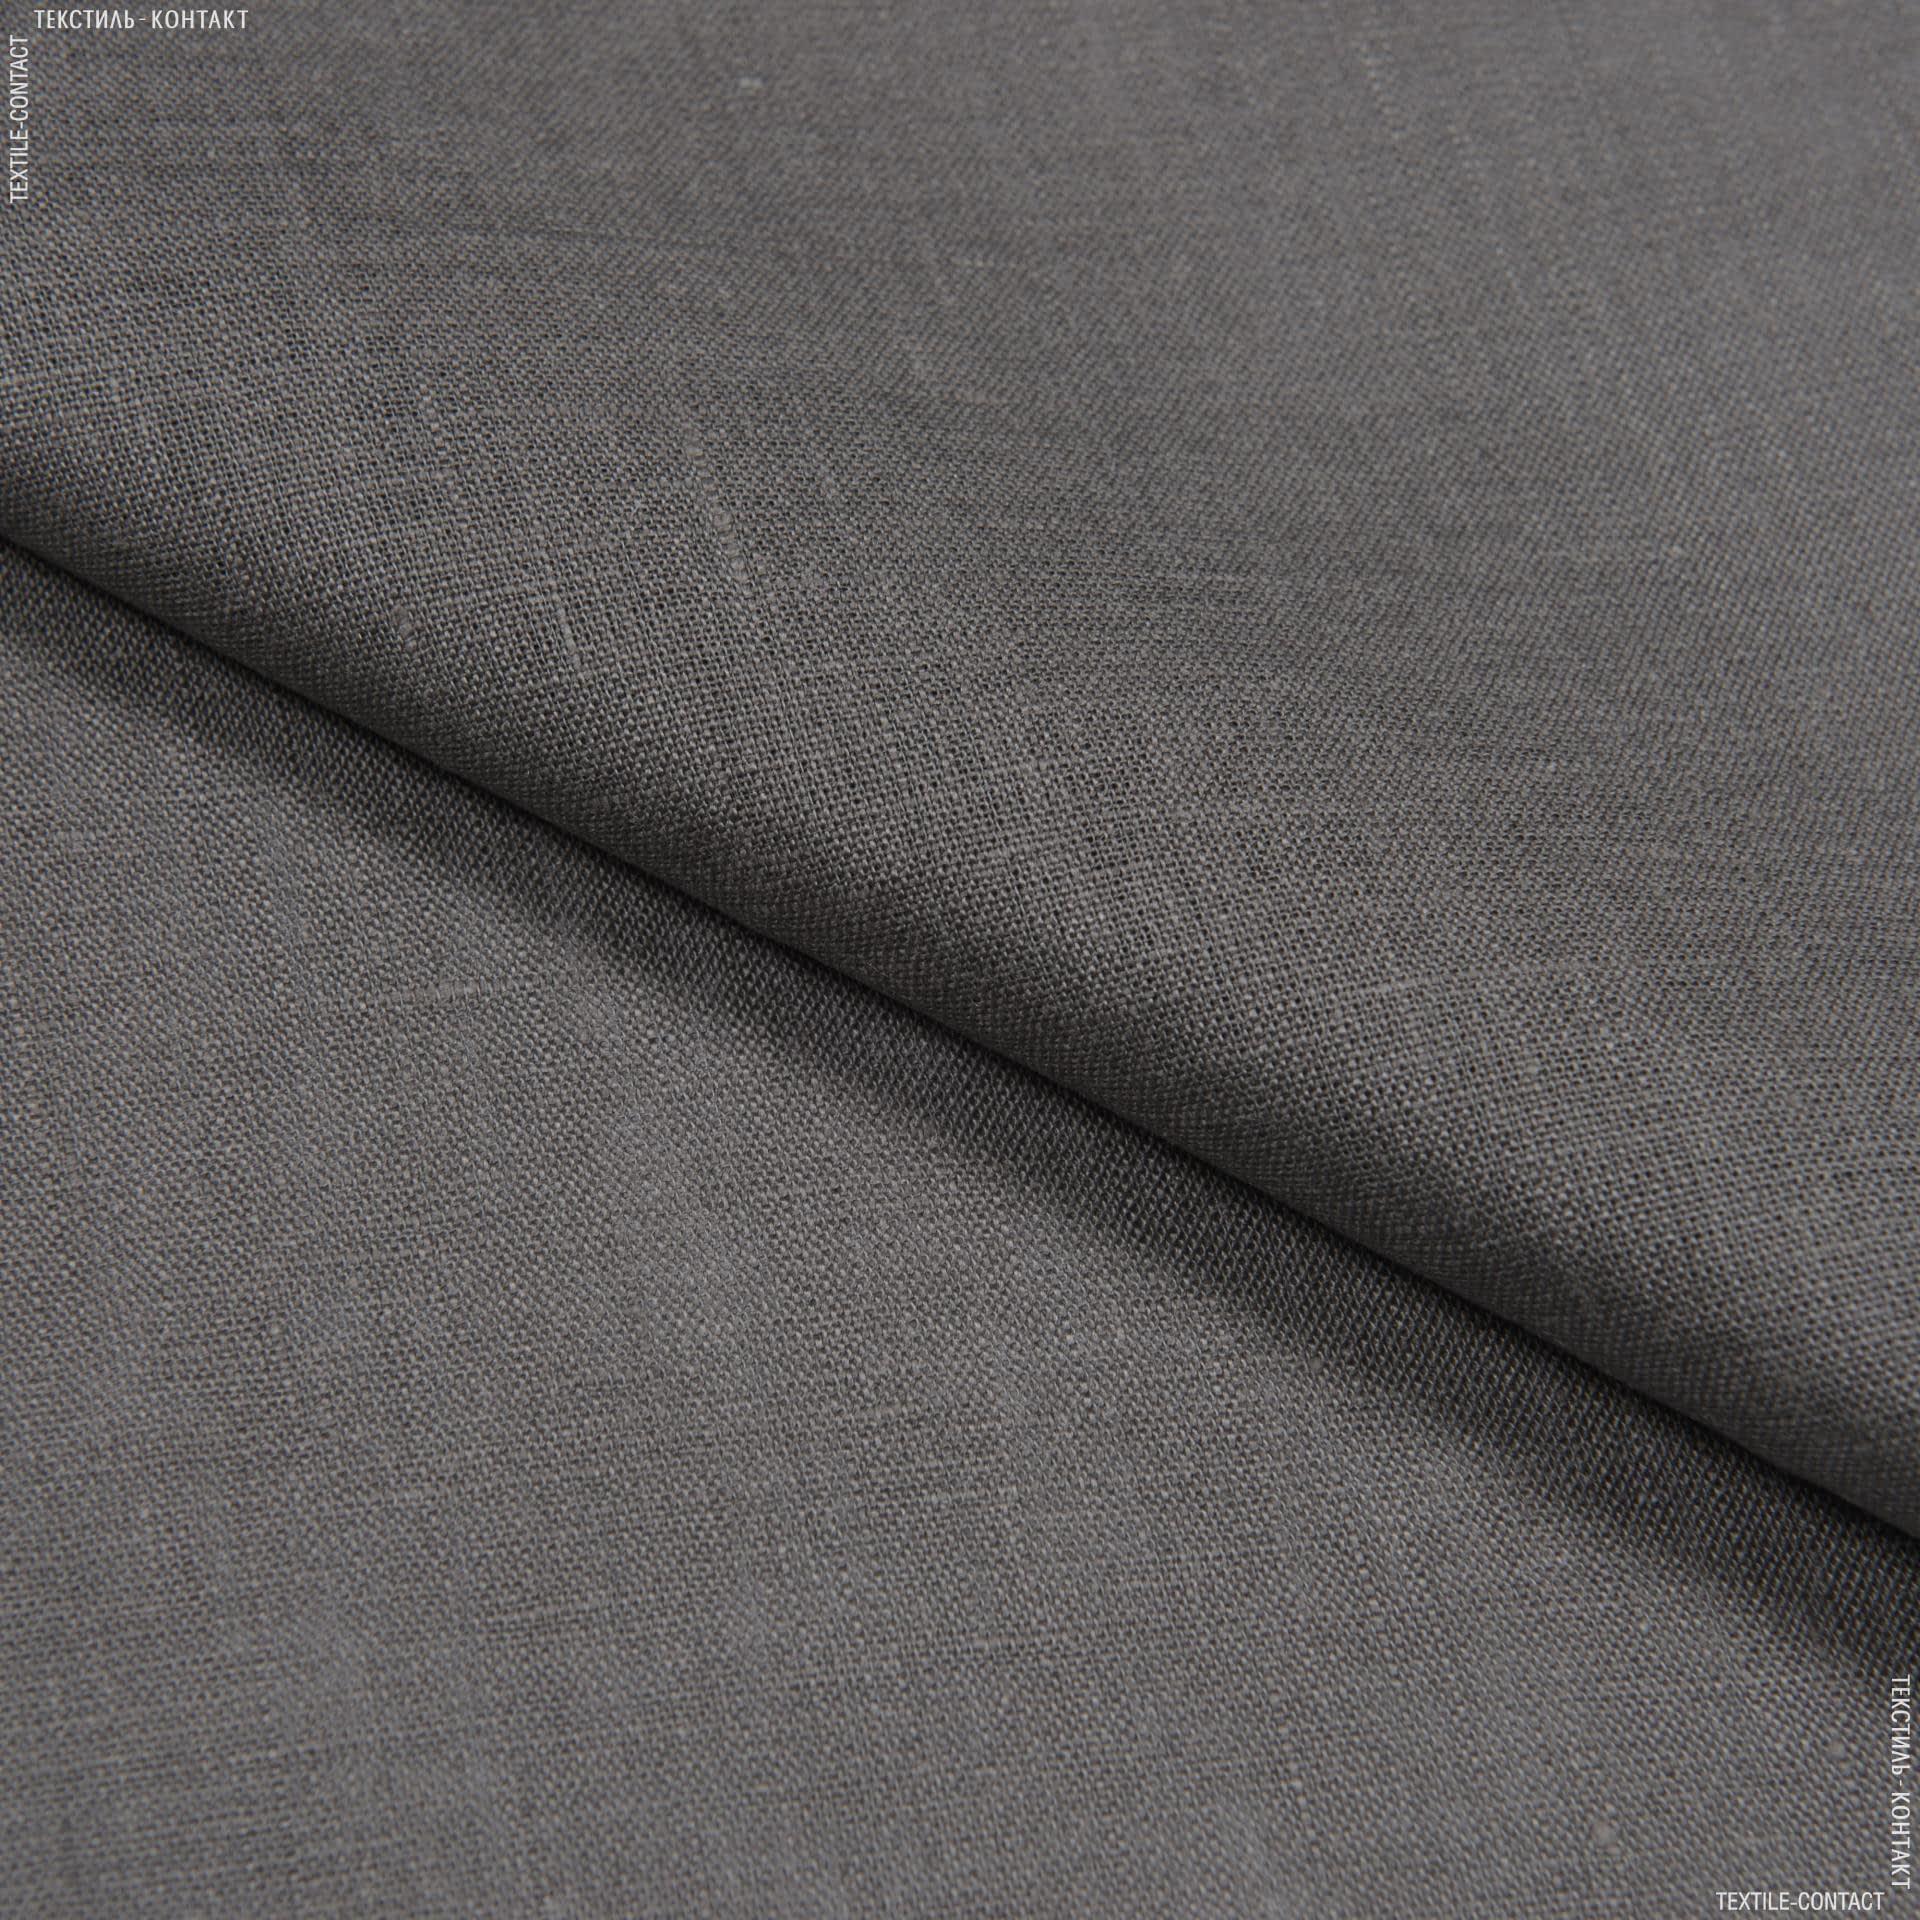 Ткани для платьев - Лен сорочечный умягченный серо-графитовый